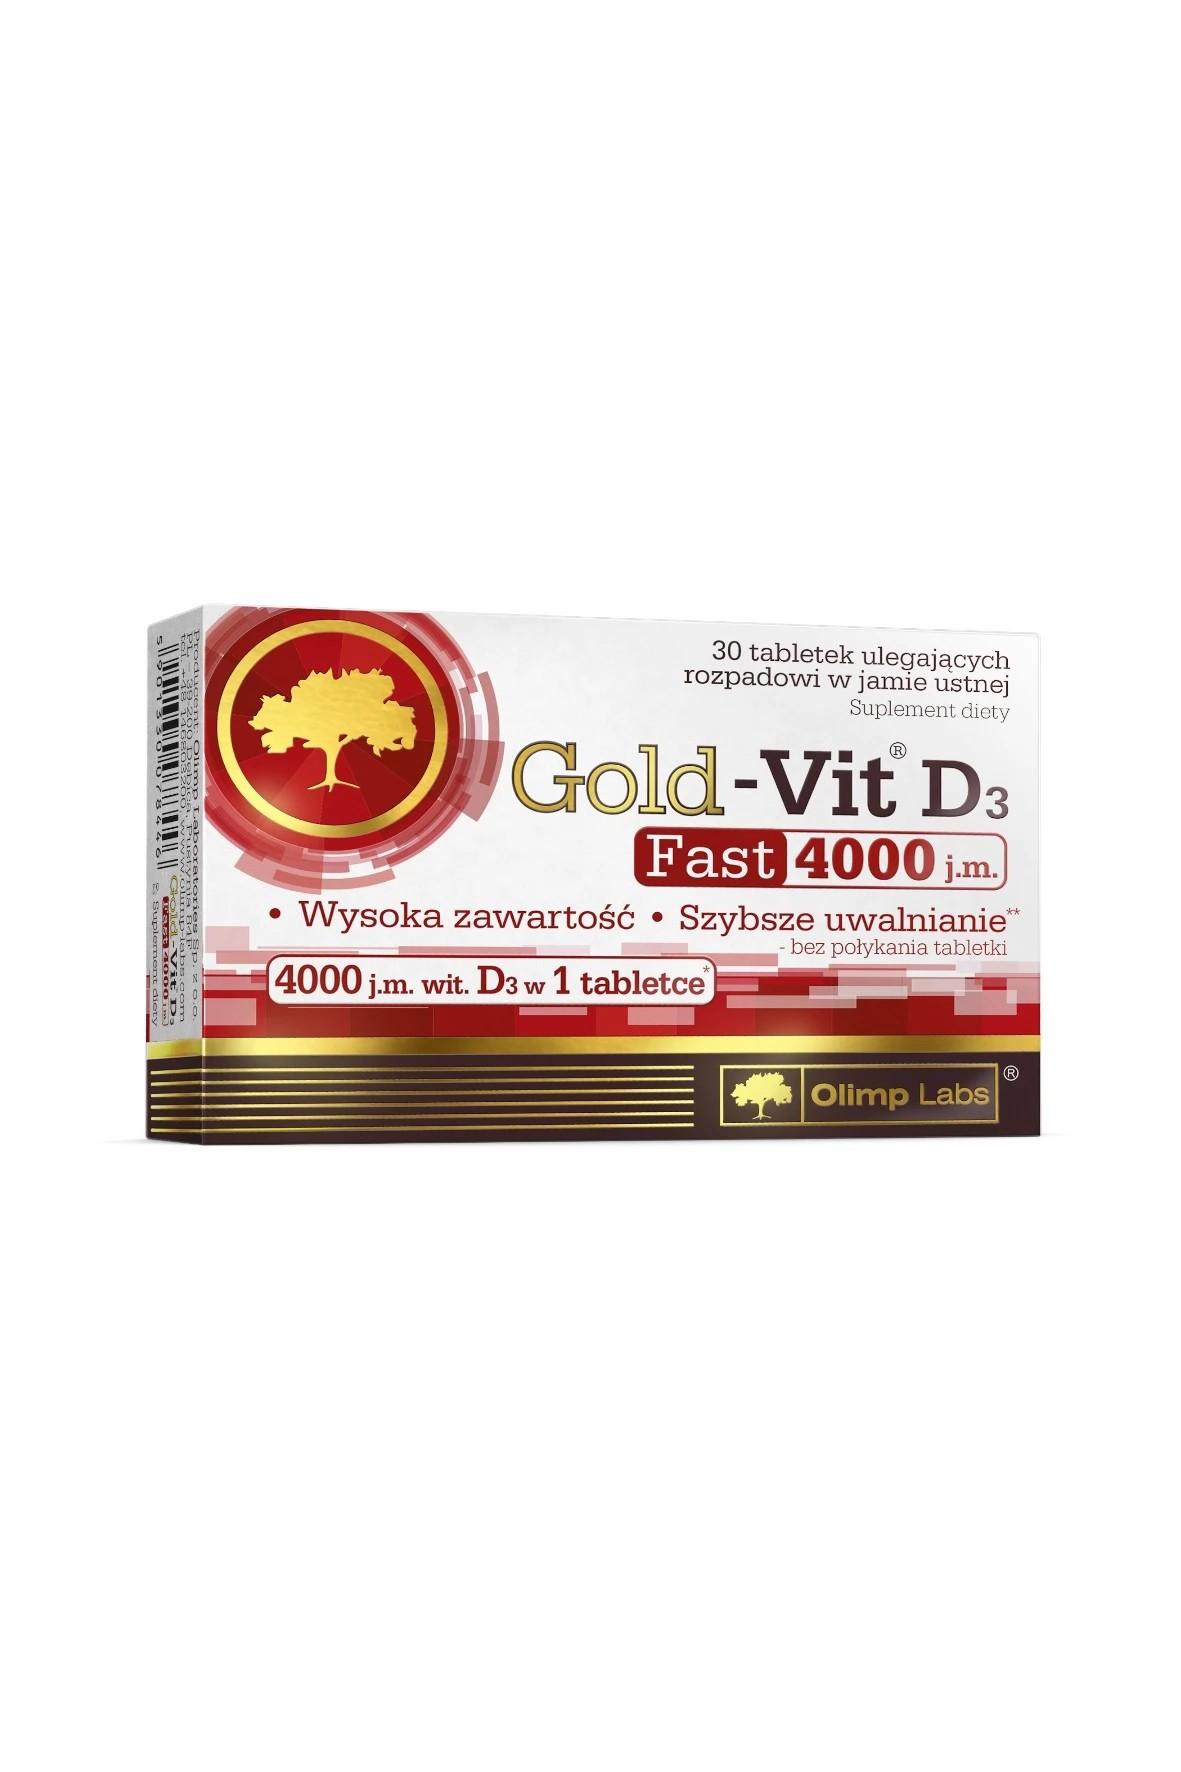 Gold-Vit D3 FAST 4000 j.m. - 30 tabletek